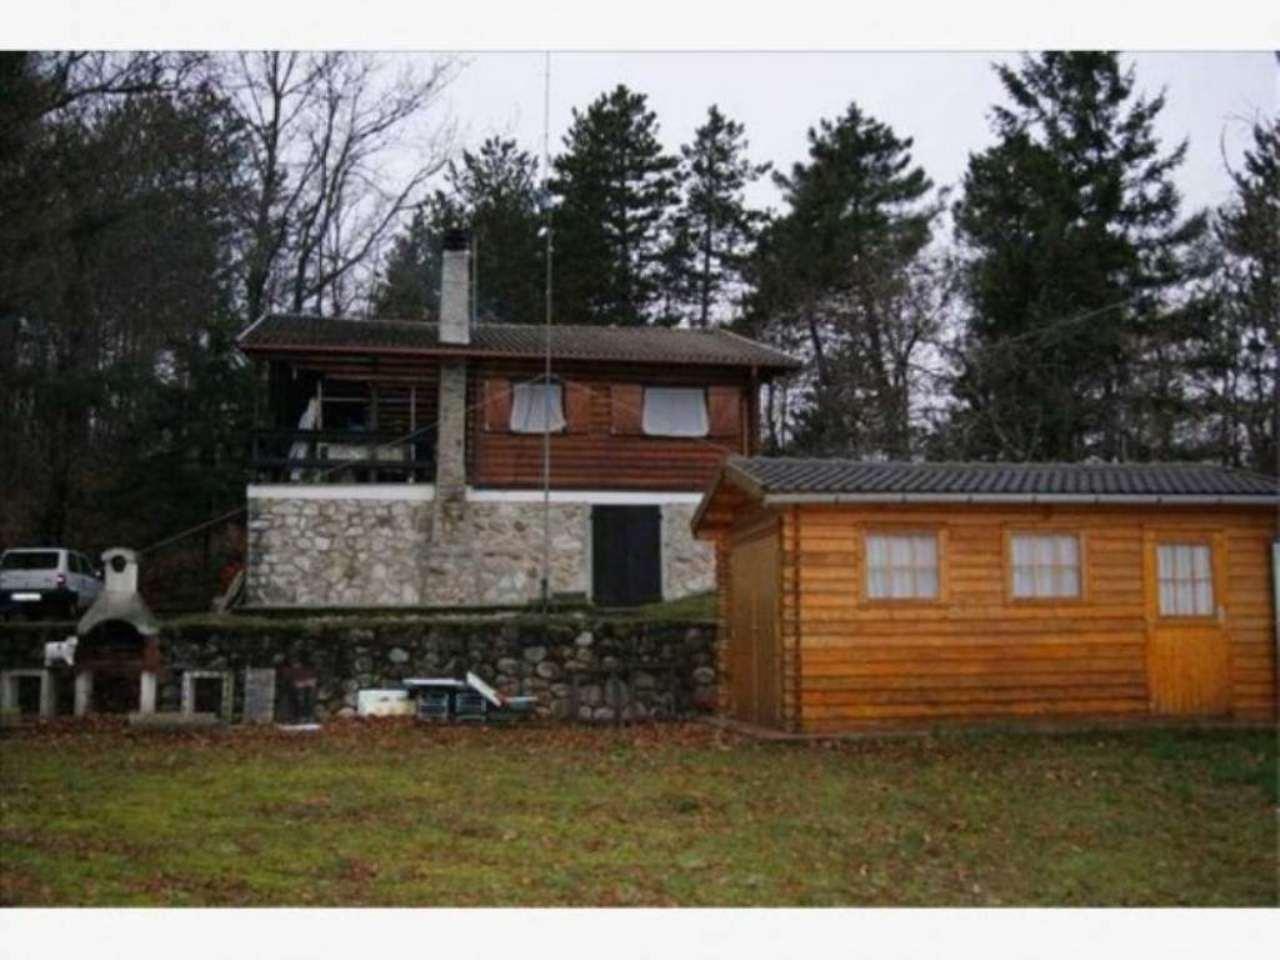 Soluzione Indipendente in vendita a Maissana, 6 locali, prezzo € 150.000 | Cambio Casa.it